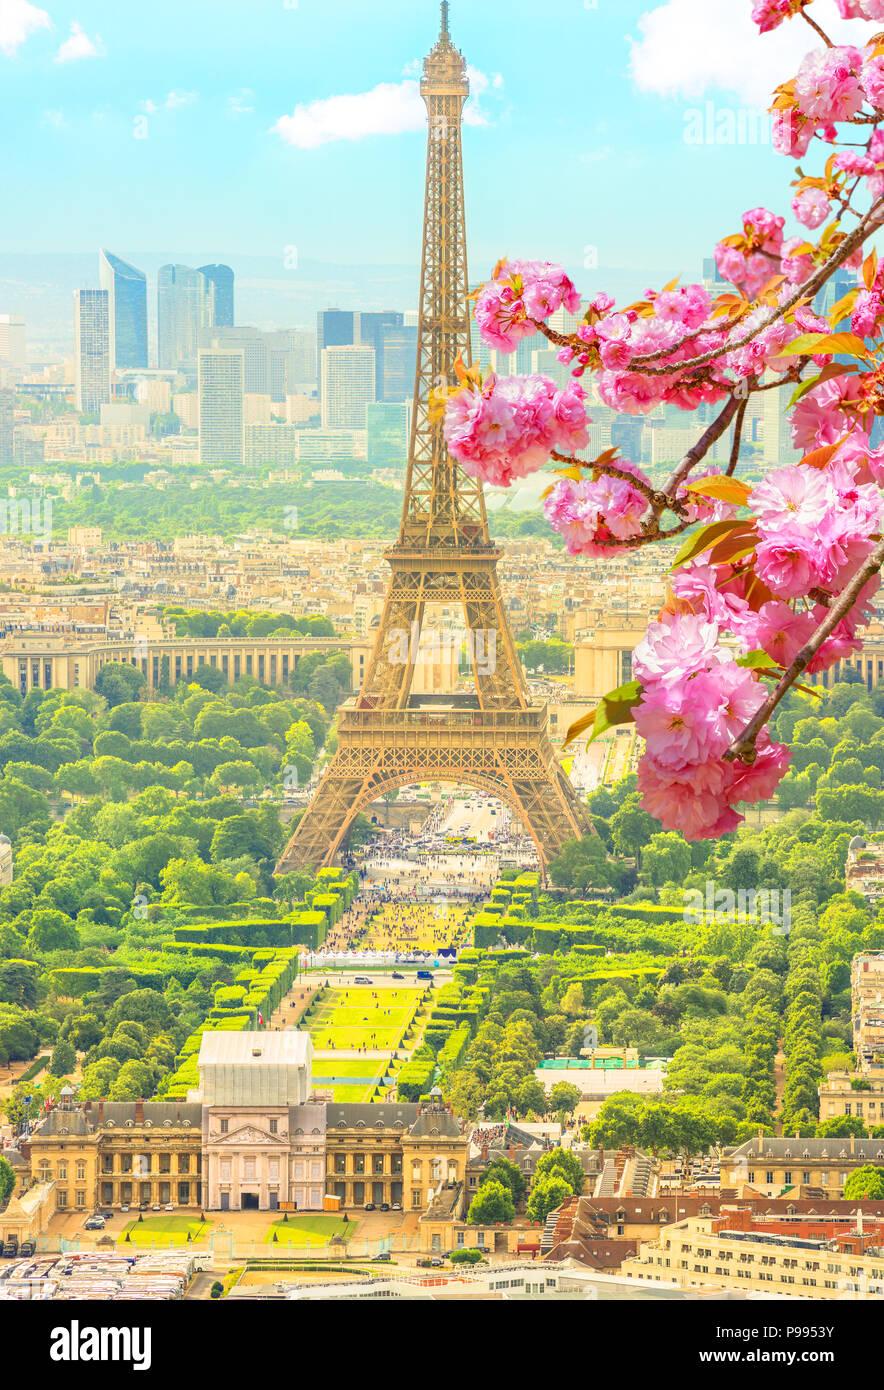 Cherry Blossom Niederlassung in Vordergrund und Stadtbild Skyline von Paris mit dem Eiffelturm im Hintergrund. Saisonale malerischen Hintergrund. Malerische Tapete mit Eiffelturm. Vertikale erschossen. Stockbild